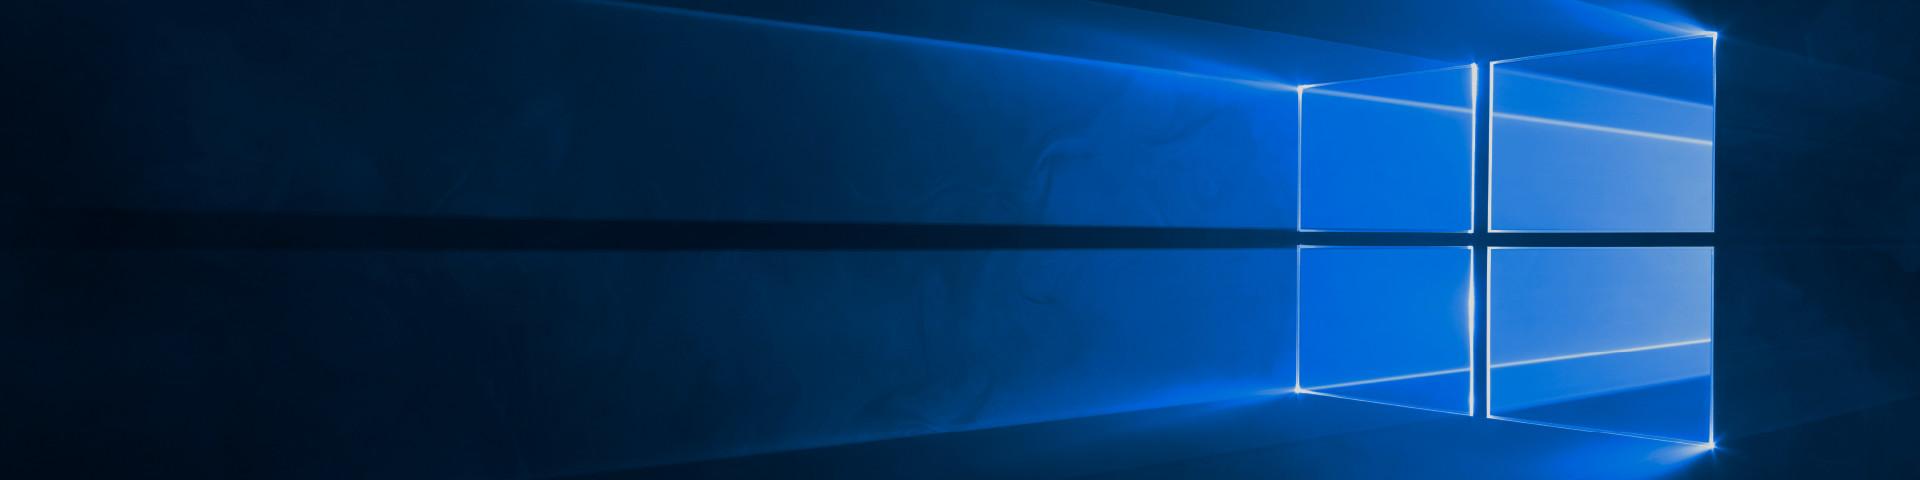 陽光穿透窗戶;購買並下載 Windows 10